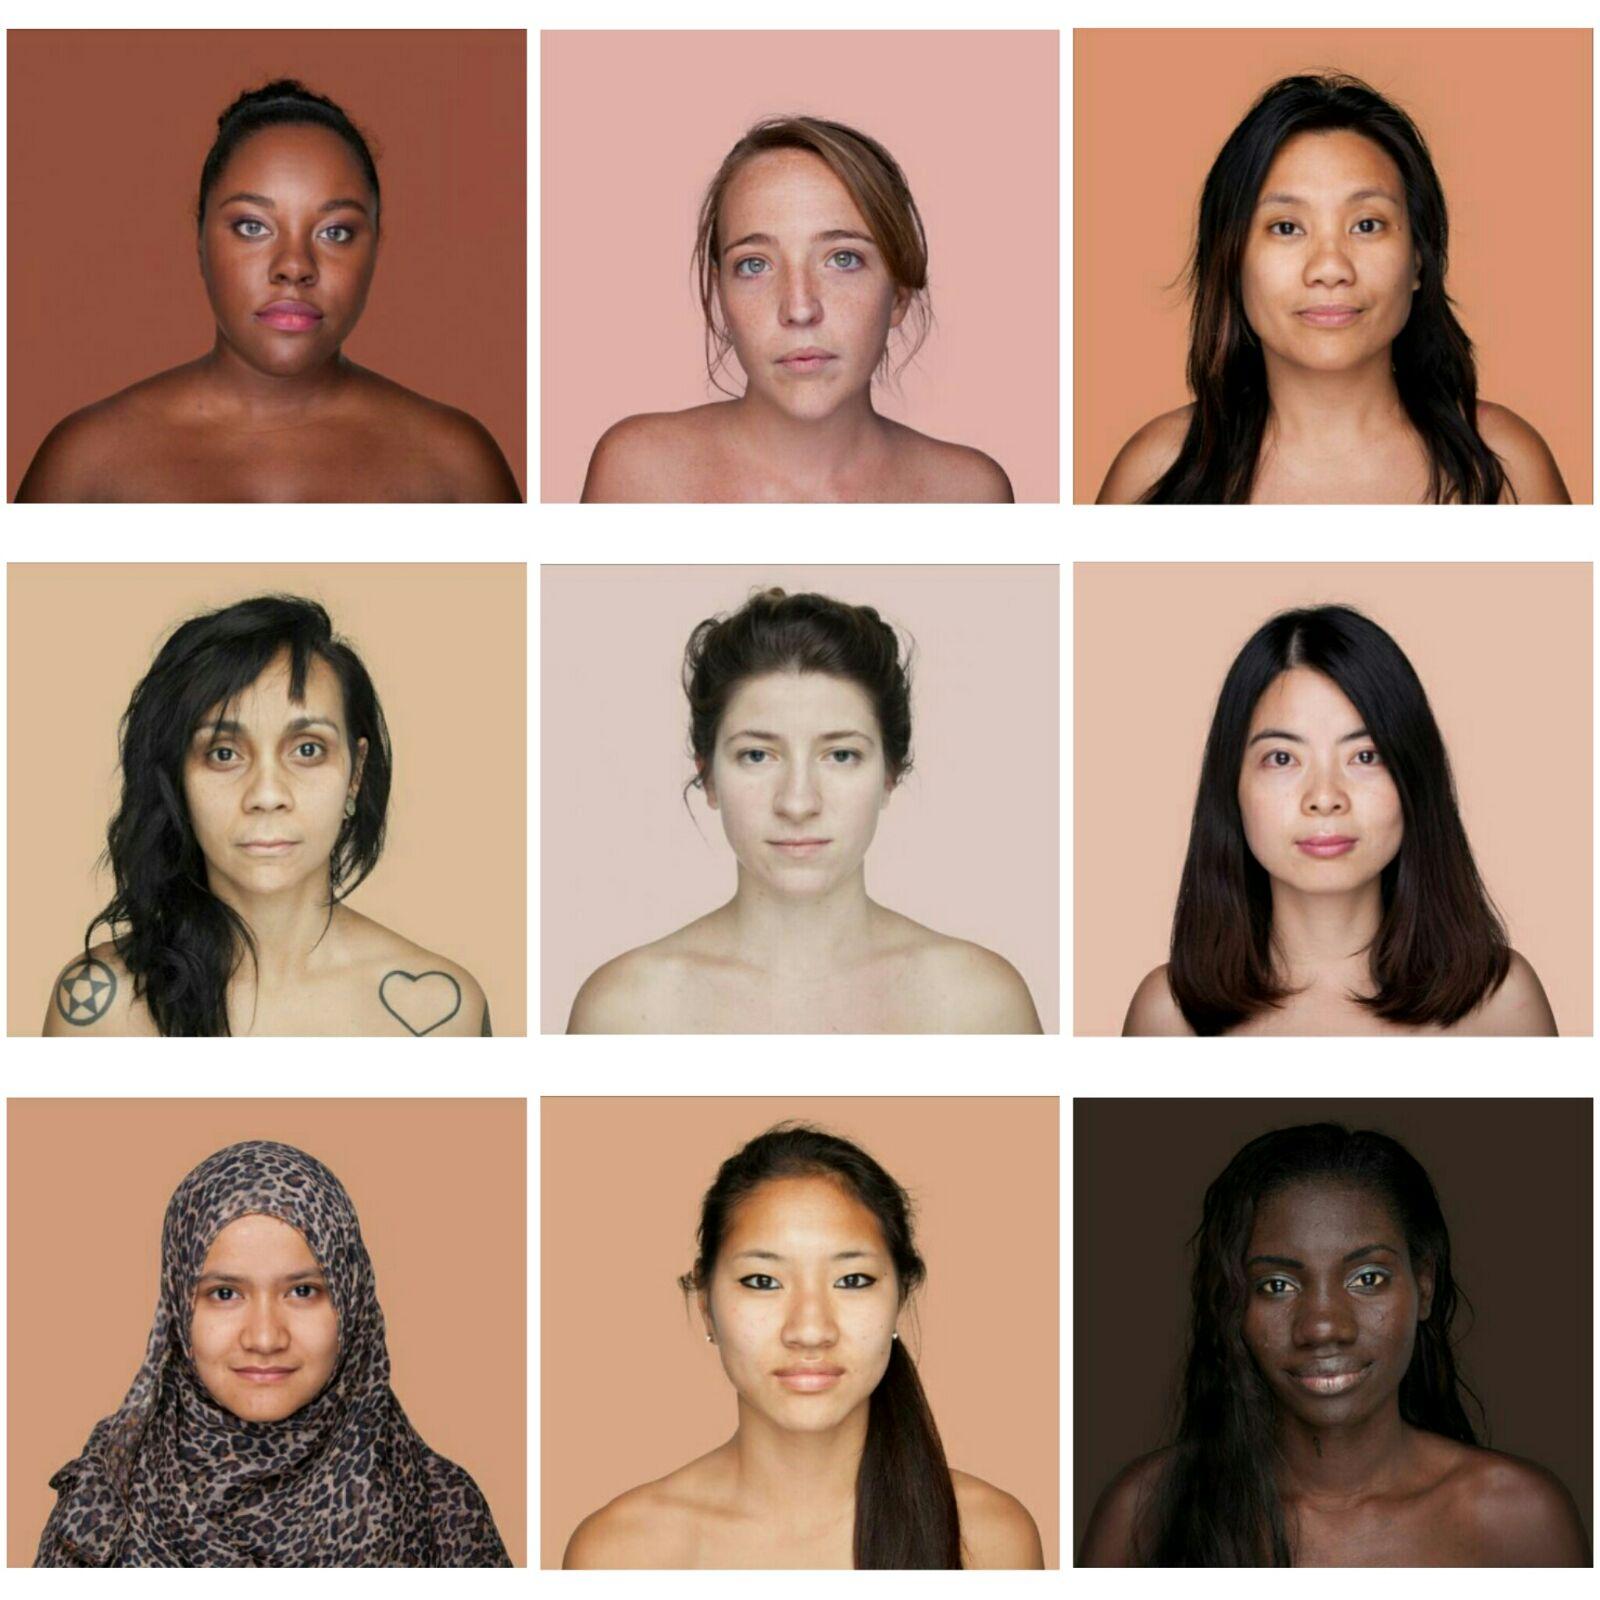 a8cdaaa06e La festa della donna nel mondo - Noi Siamo Futuro